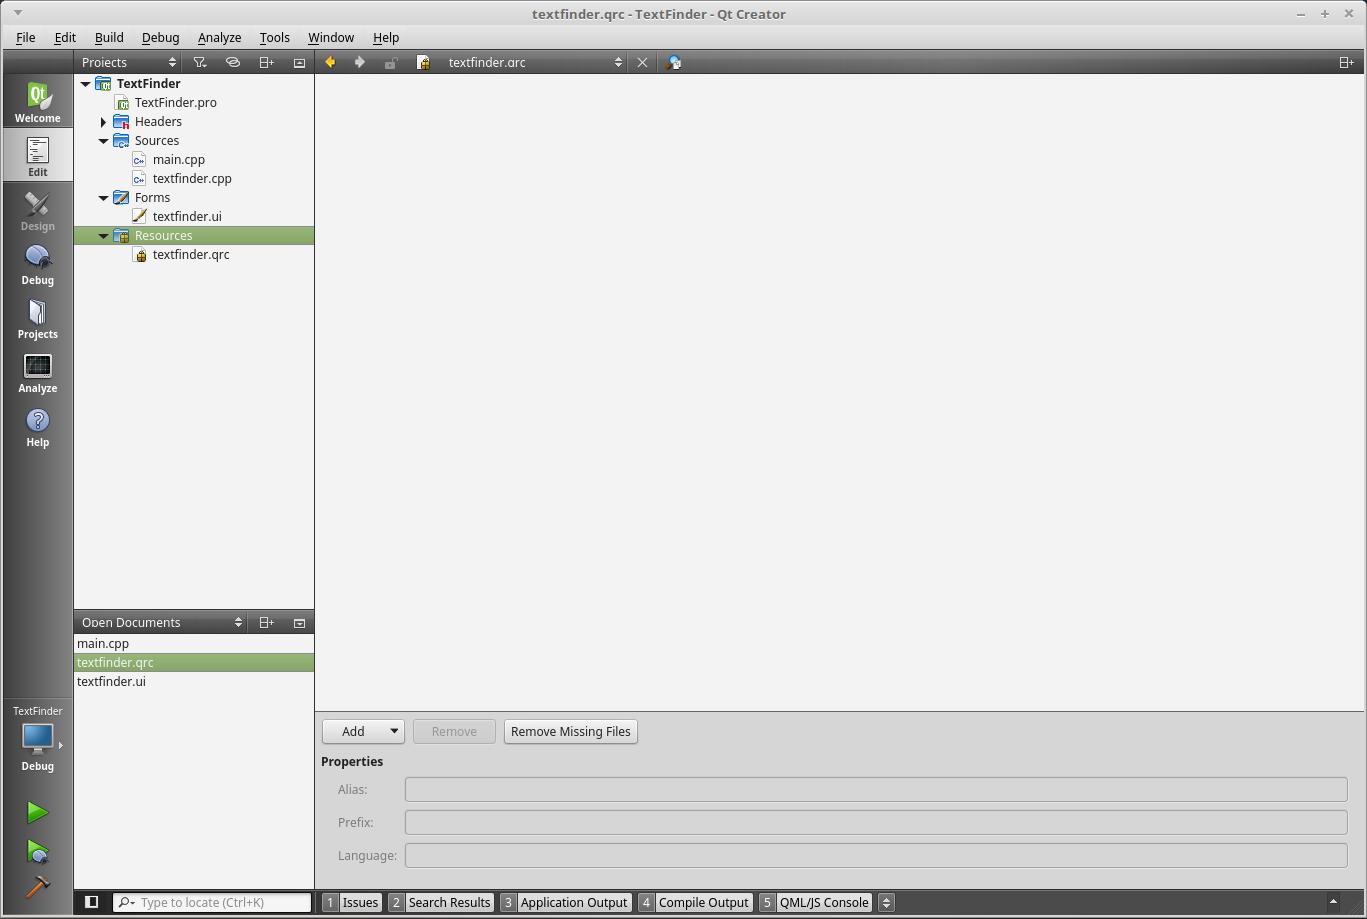 QtCreatorリソースファイル追加